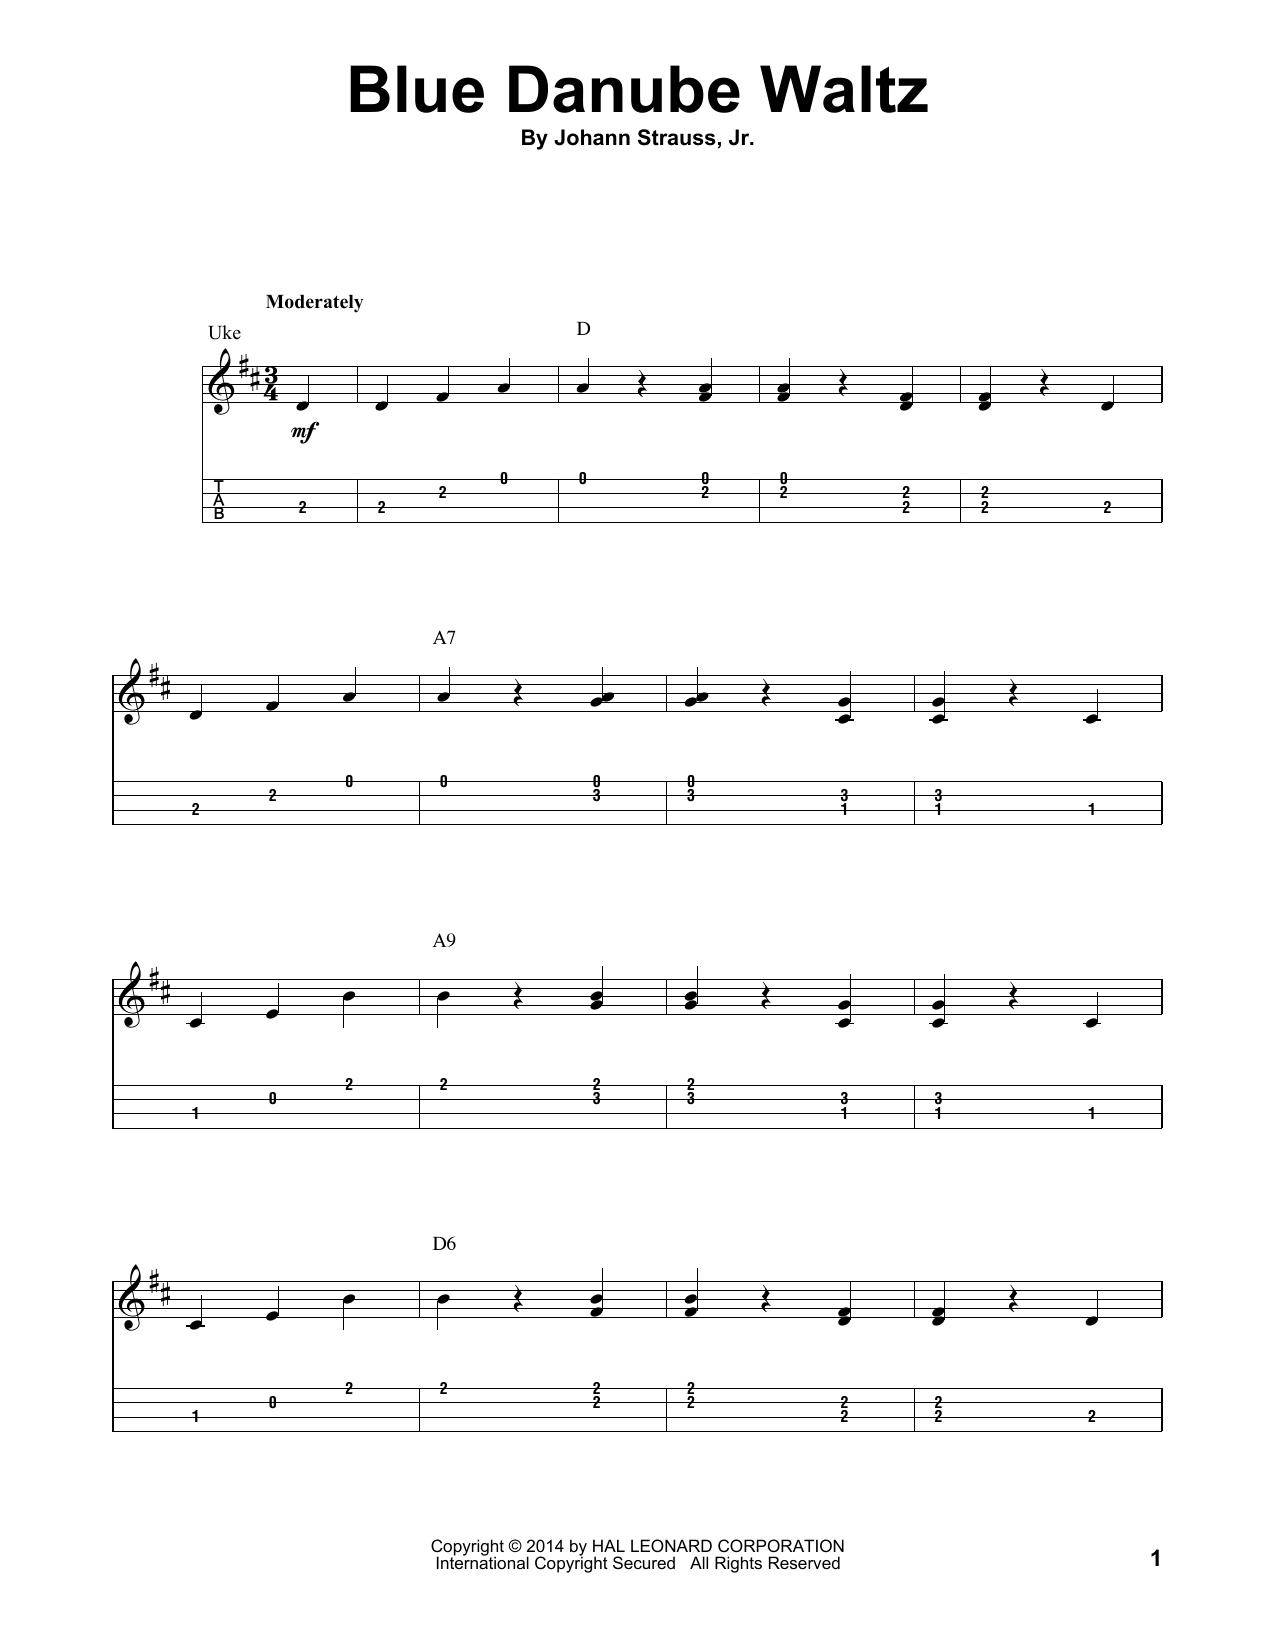 Tablature guitare Blue Danube Waltz de Johann Strauss II - Ukulele